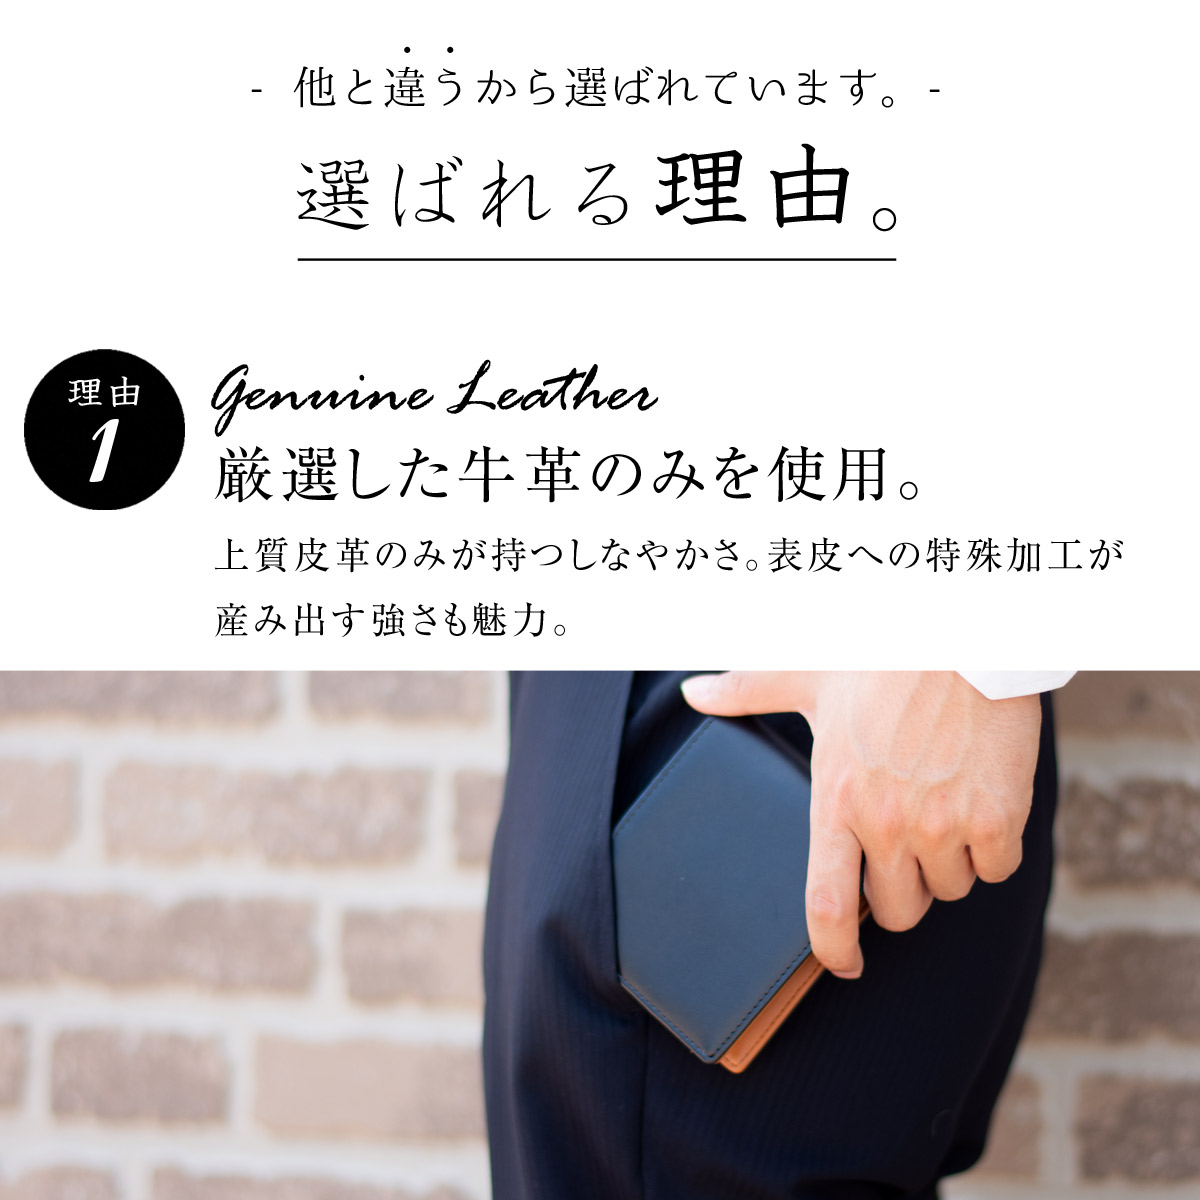 コントラストが美しい2つ折り財布